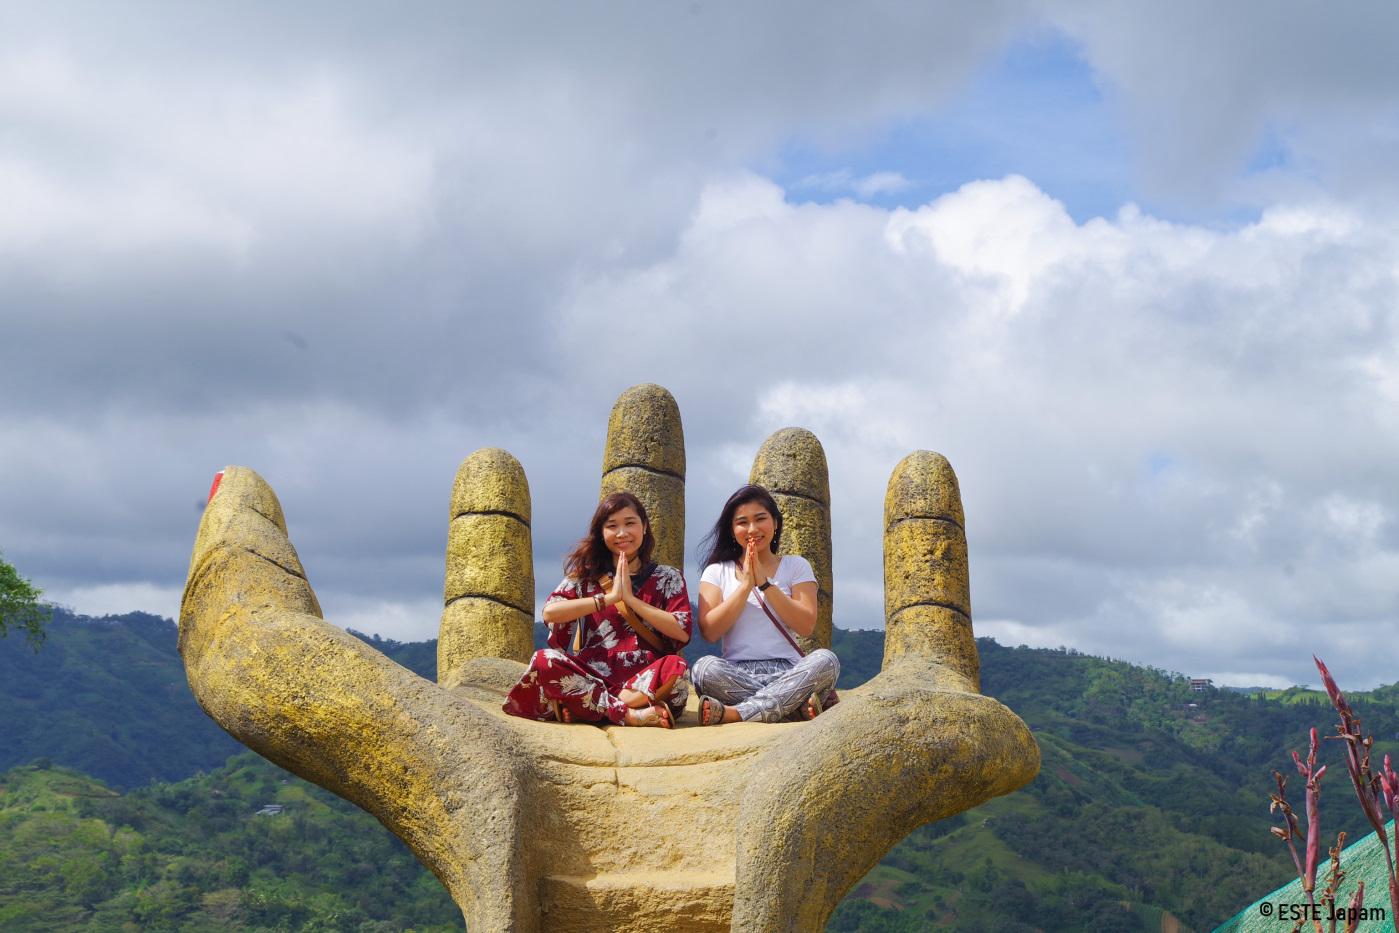 シラオPGCSの手のひらのモニュメントに座る女性2名